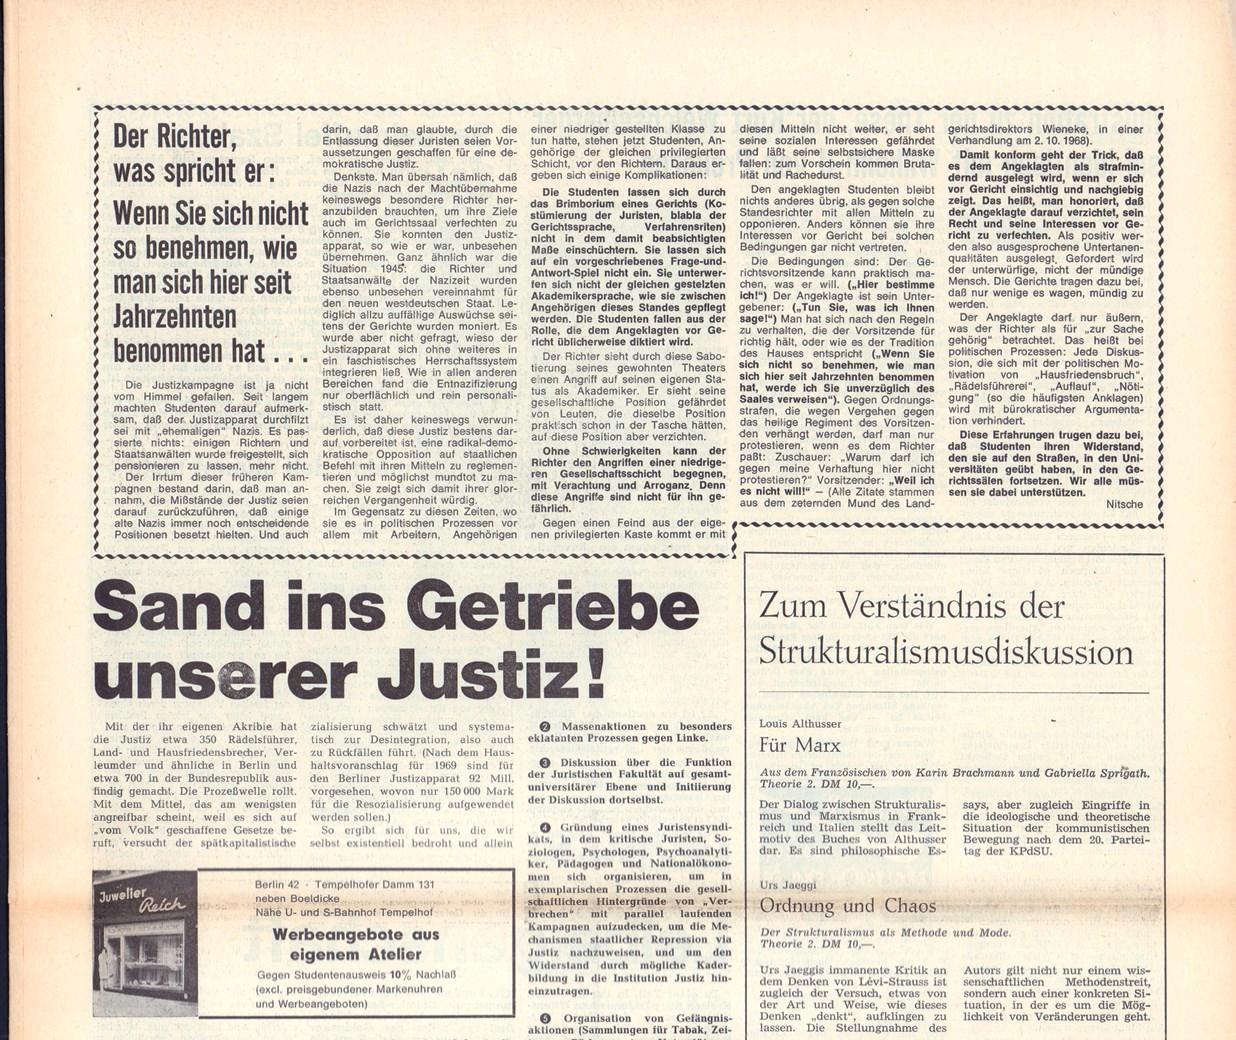 Berlin_TU_Anrisse121